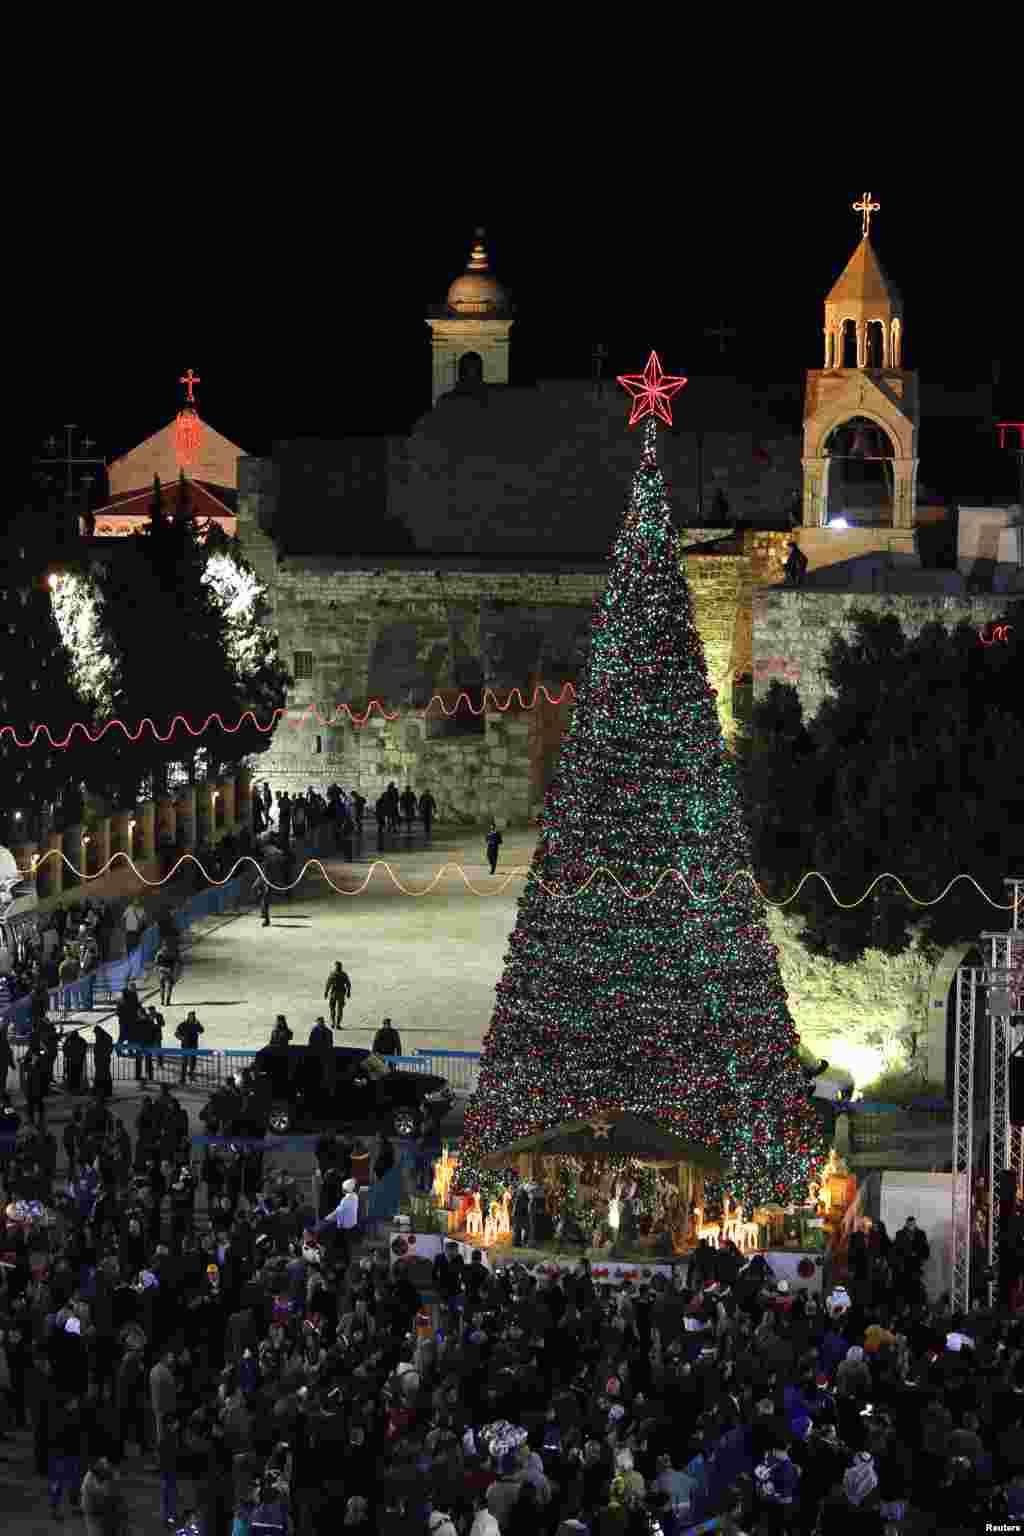 Pemandangan Alun-Alun Manger, di luar Gereja Nativity, yang diyakini sebagai tempat kelahiran Yesus, di kota Bethlehem, Tepi Barat (24/12).